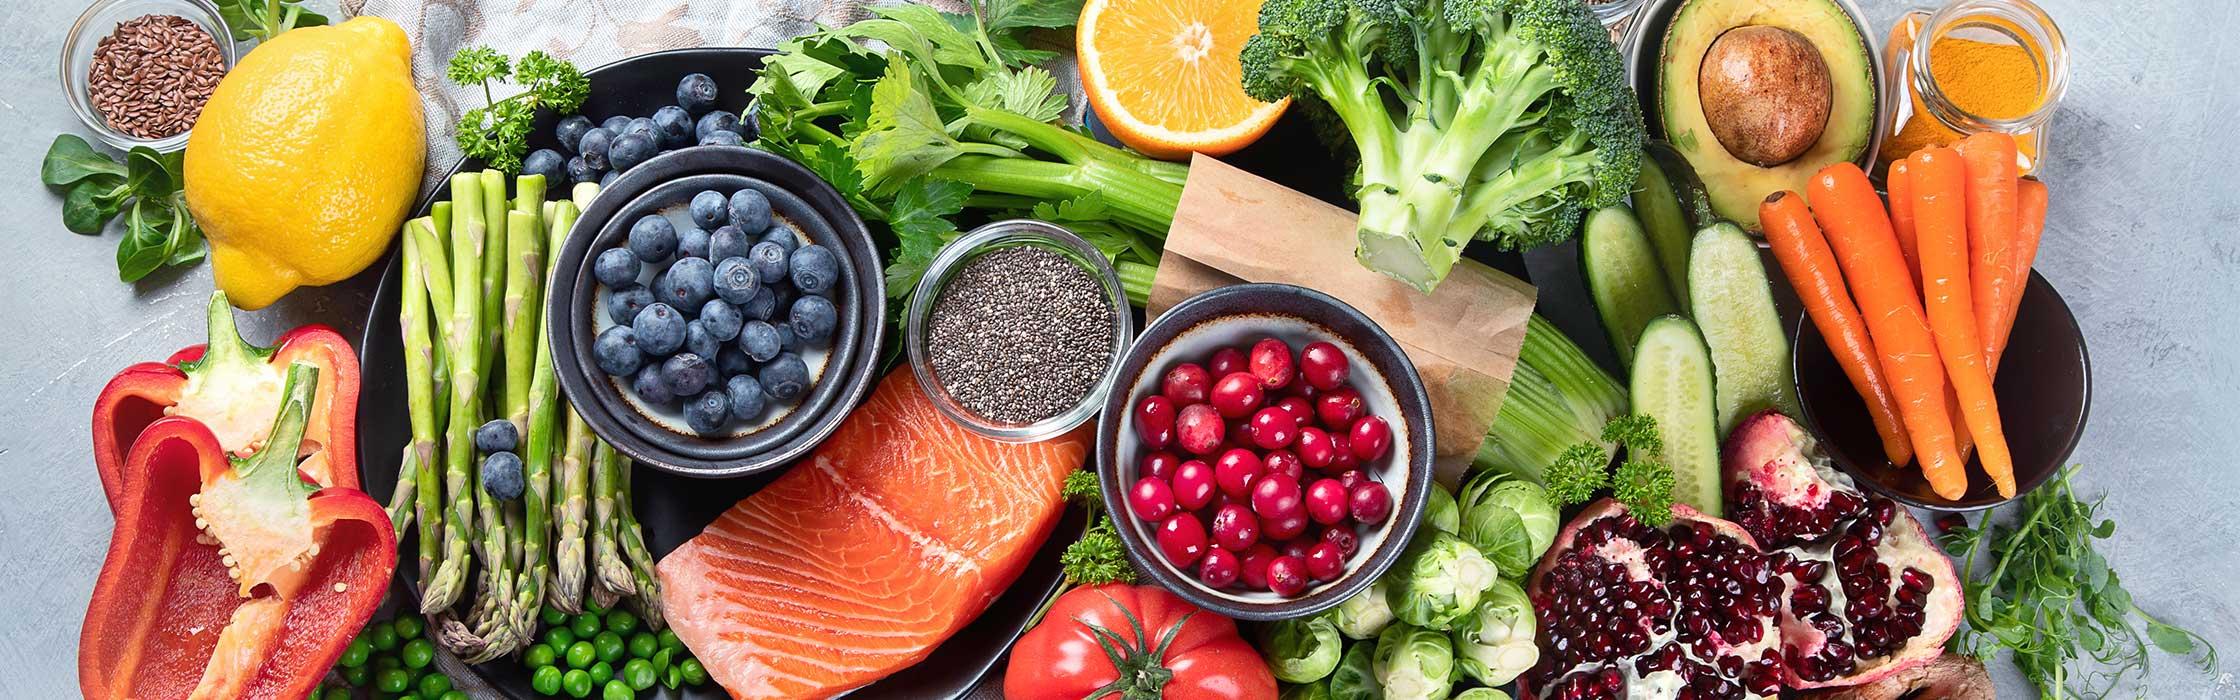 Veer verschillende soorten kleurrijke groente, fruit, kruiden en vis